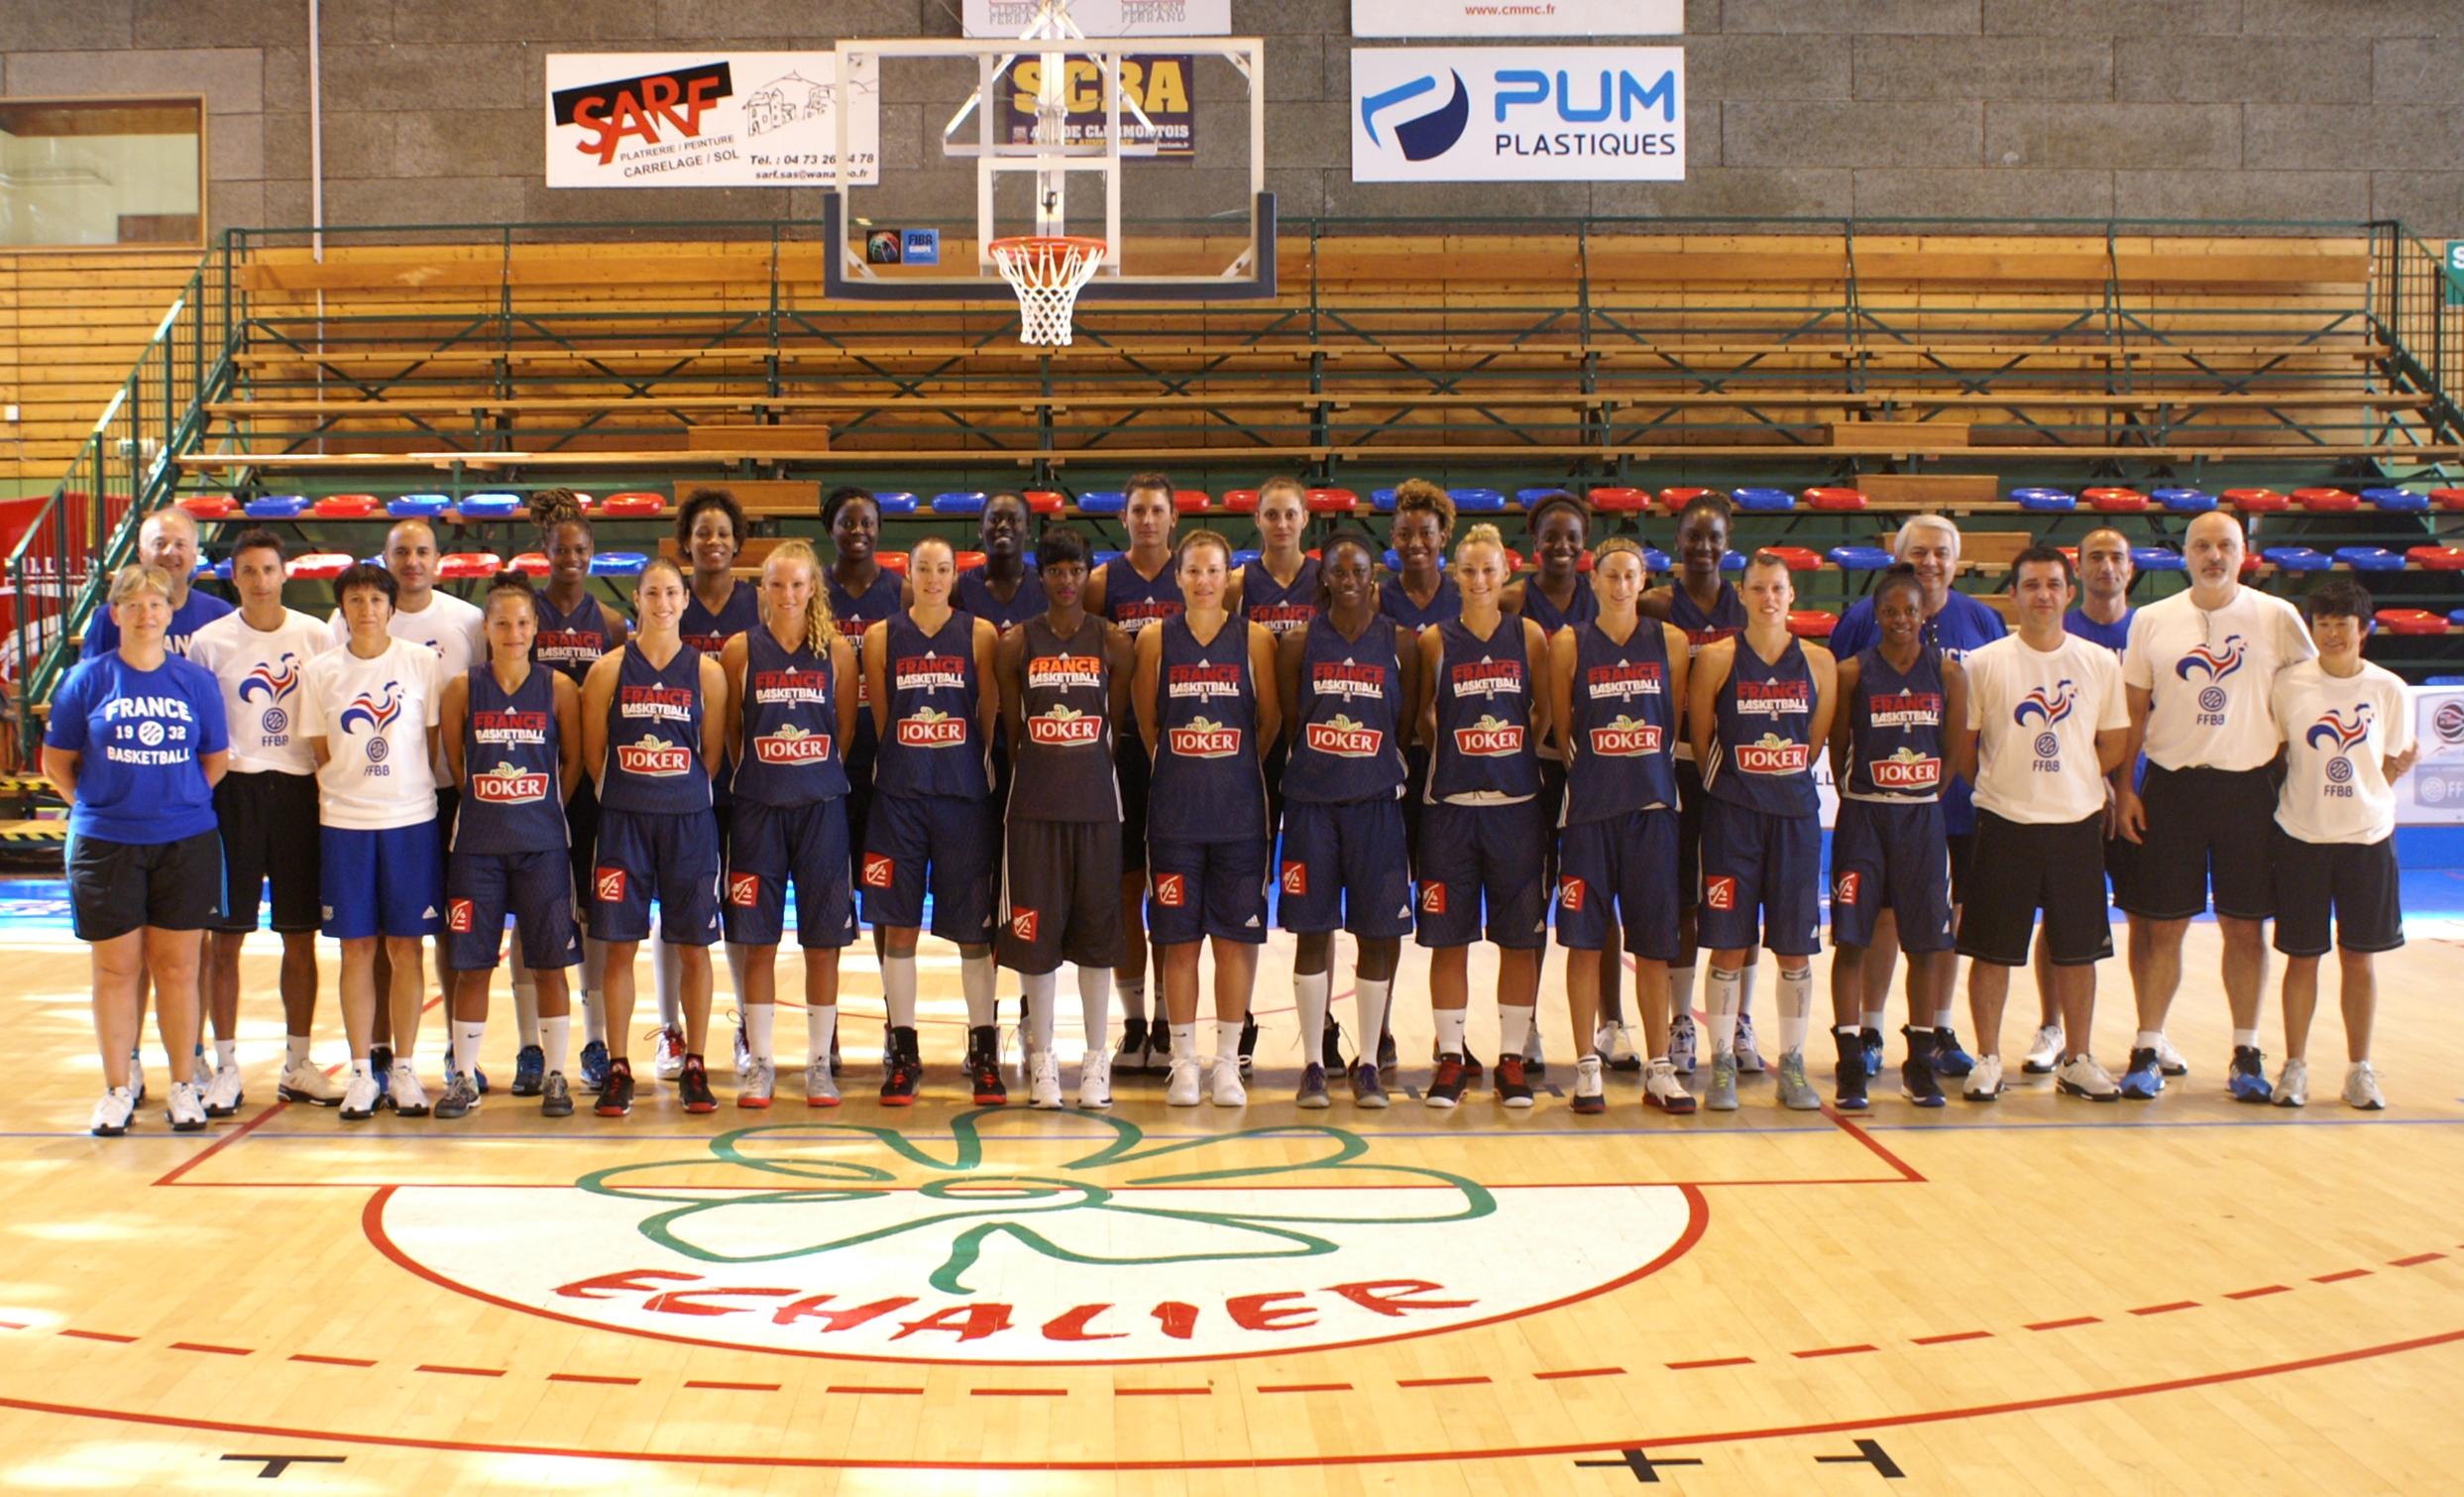 Basket-Jeunes - Basket Féminin mois - Basket Féminin été 2014 a1f4fd2ca16